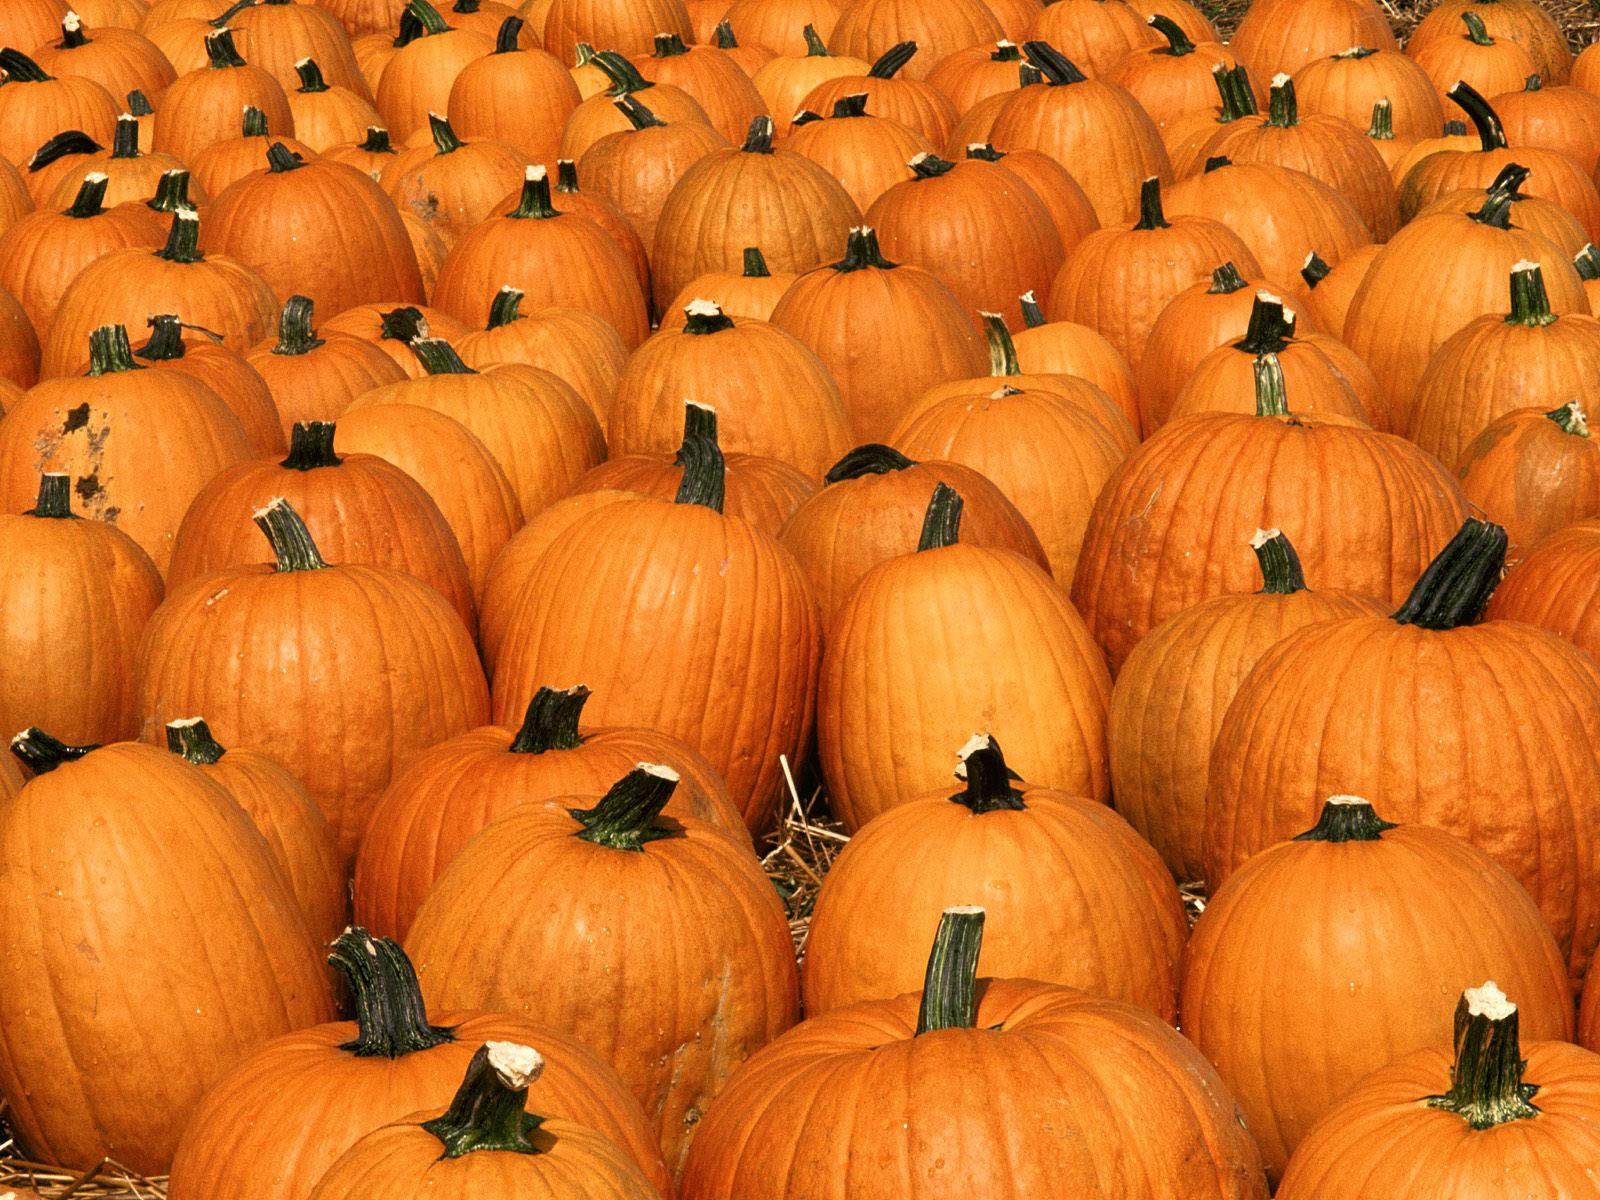 3d pumpkin wallpaper - photo #32